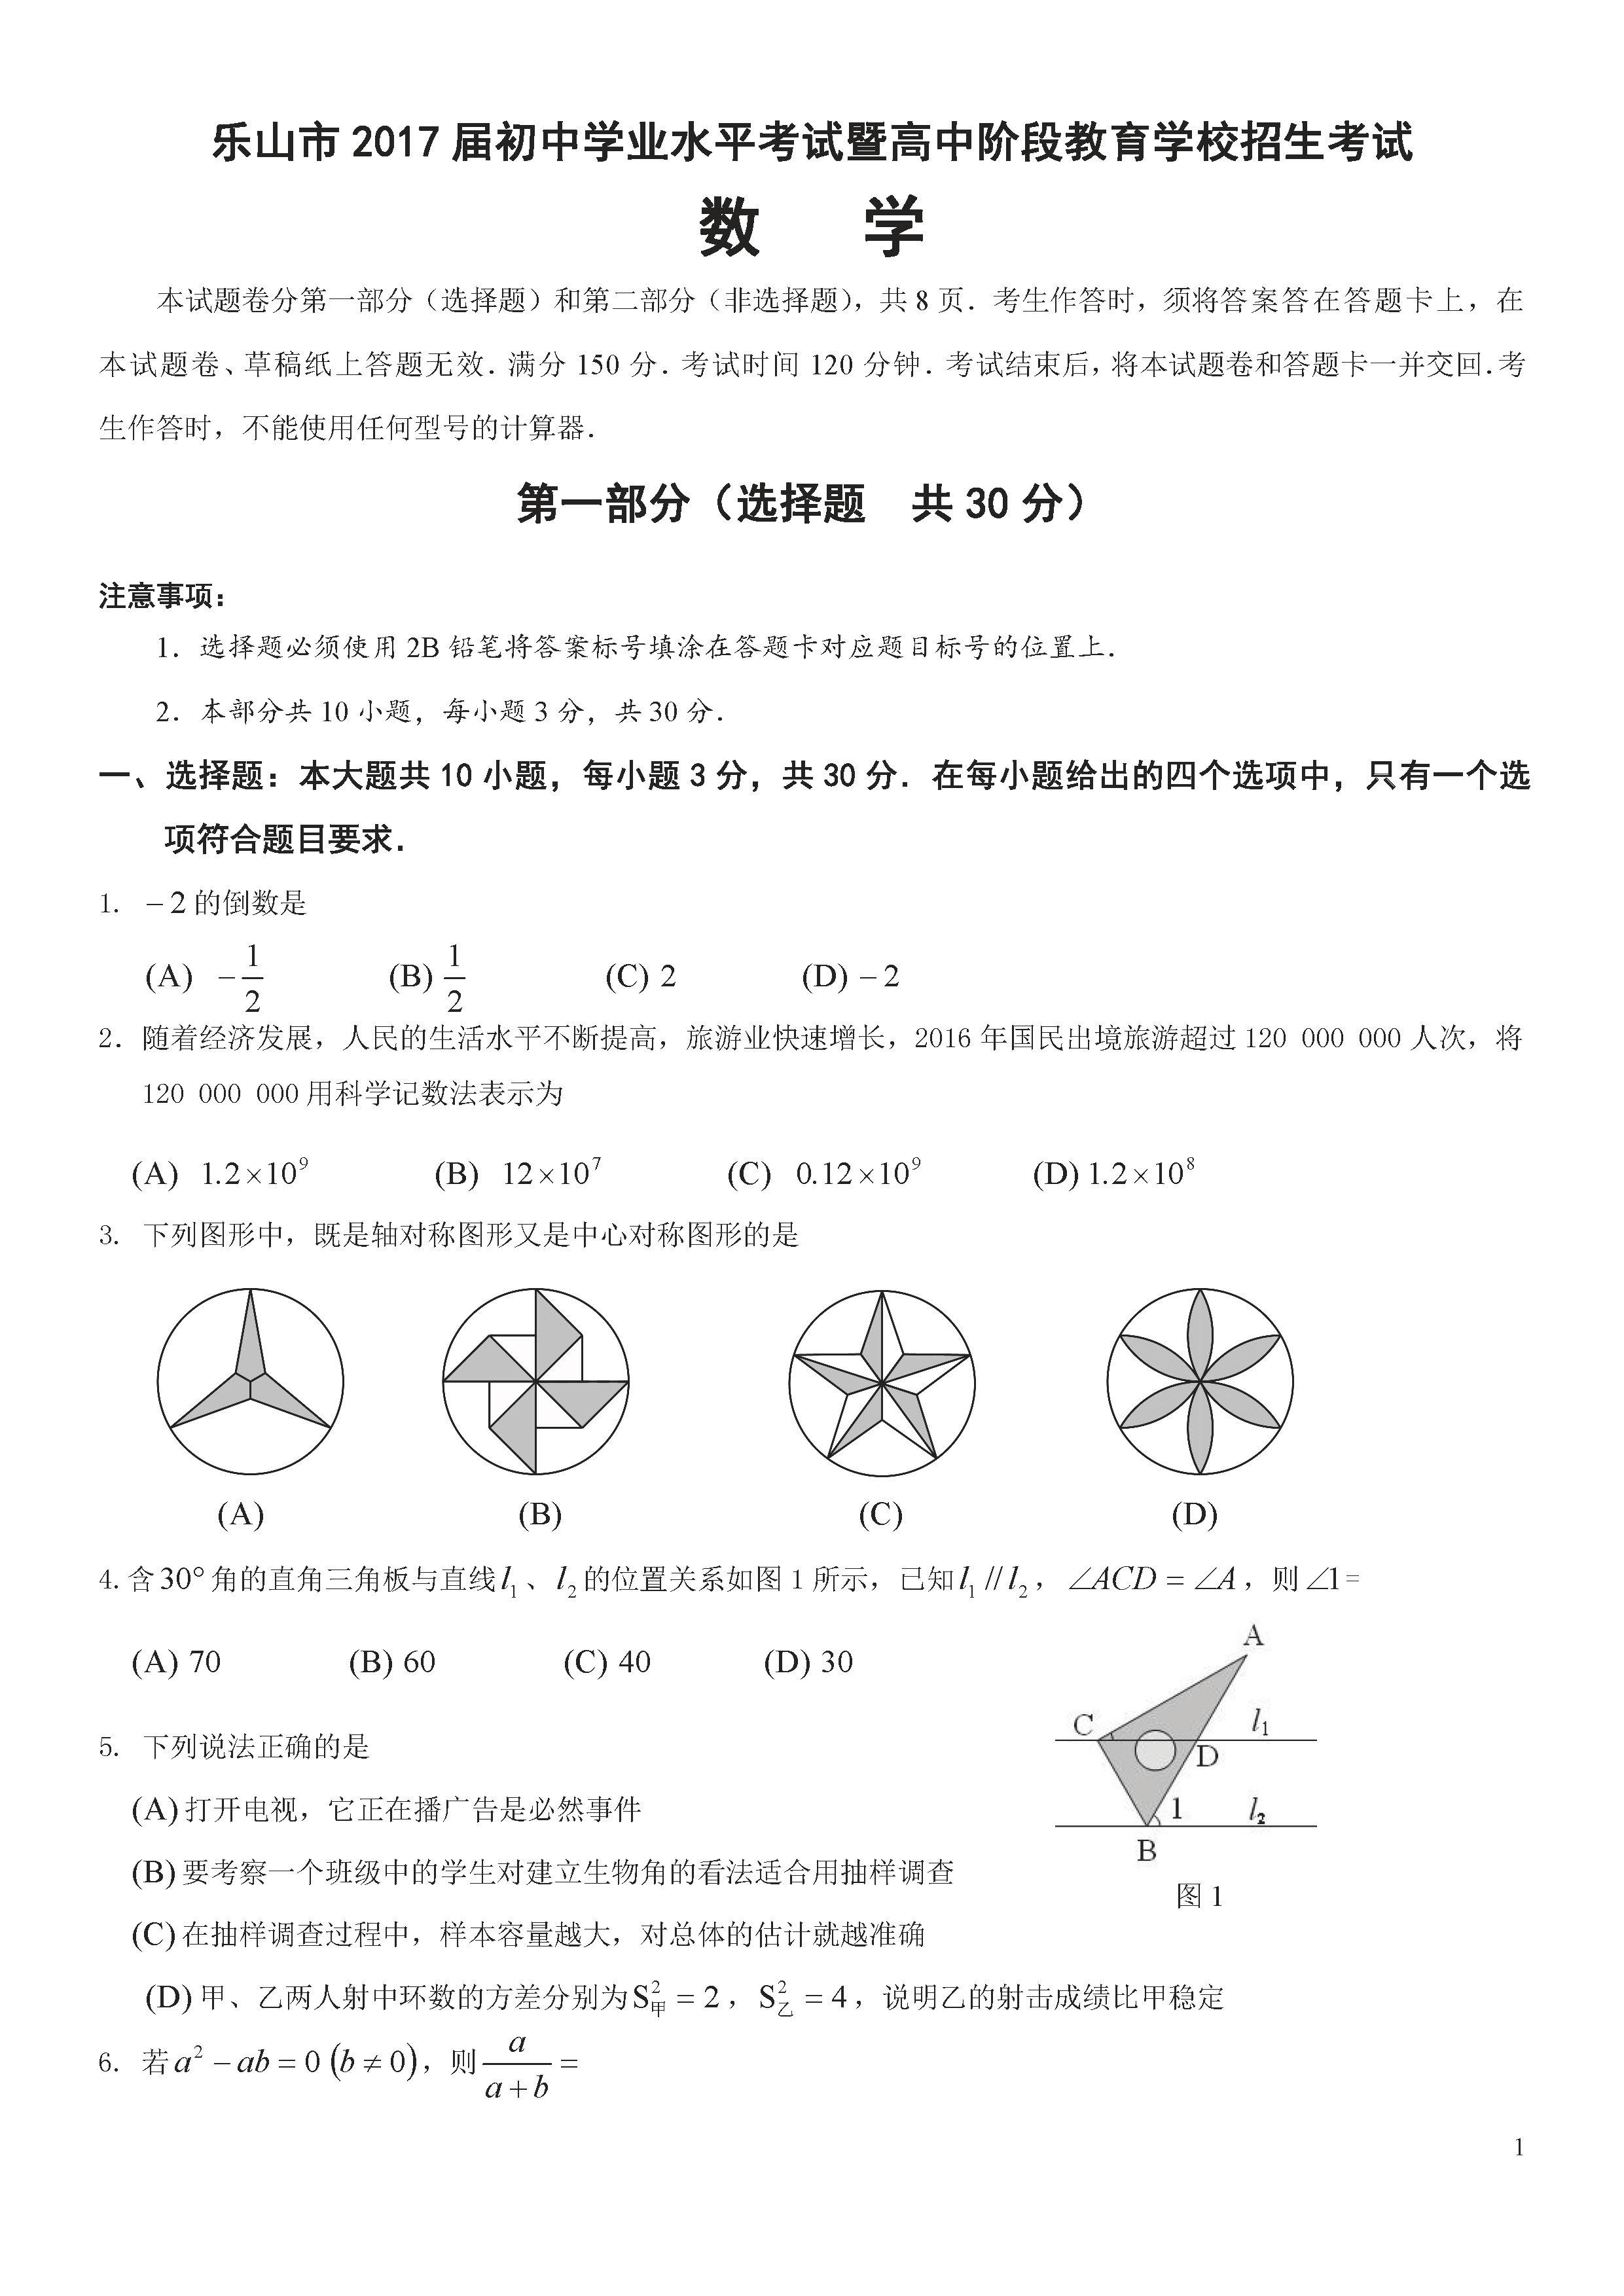 2017乐山中考数学试题及答案解析(word版含答案)